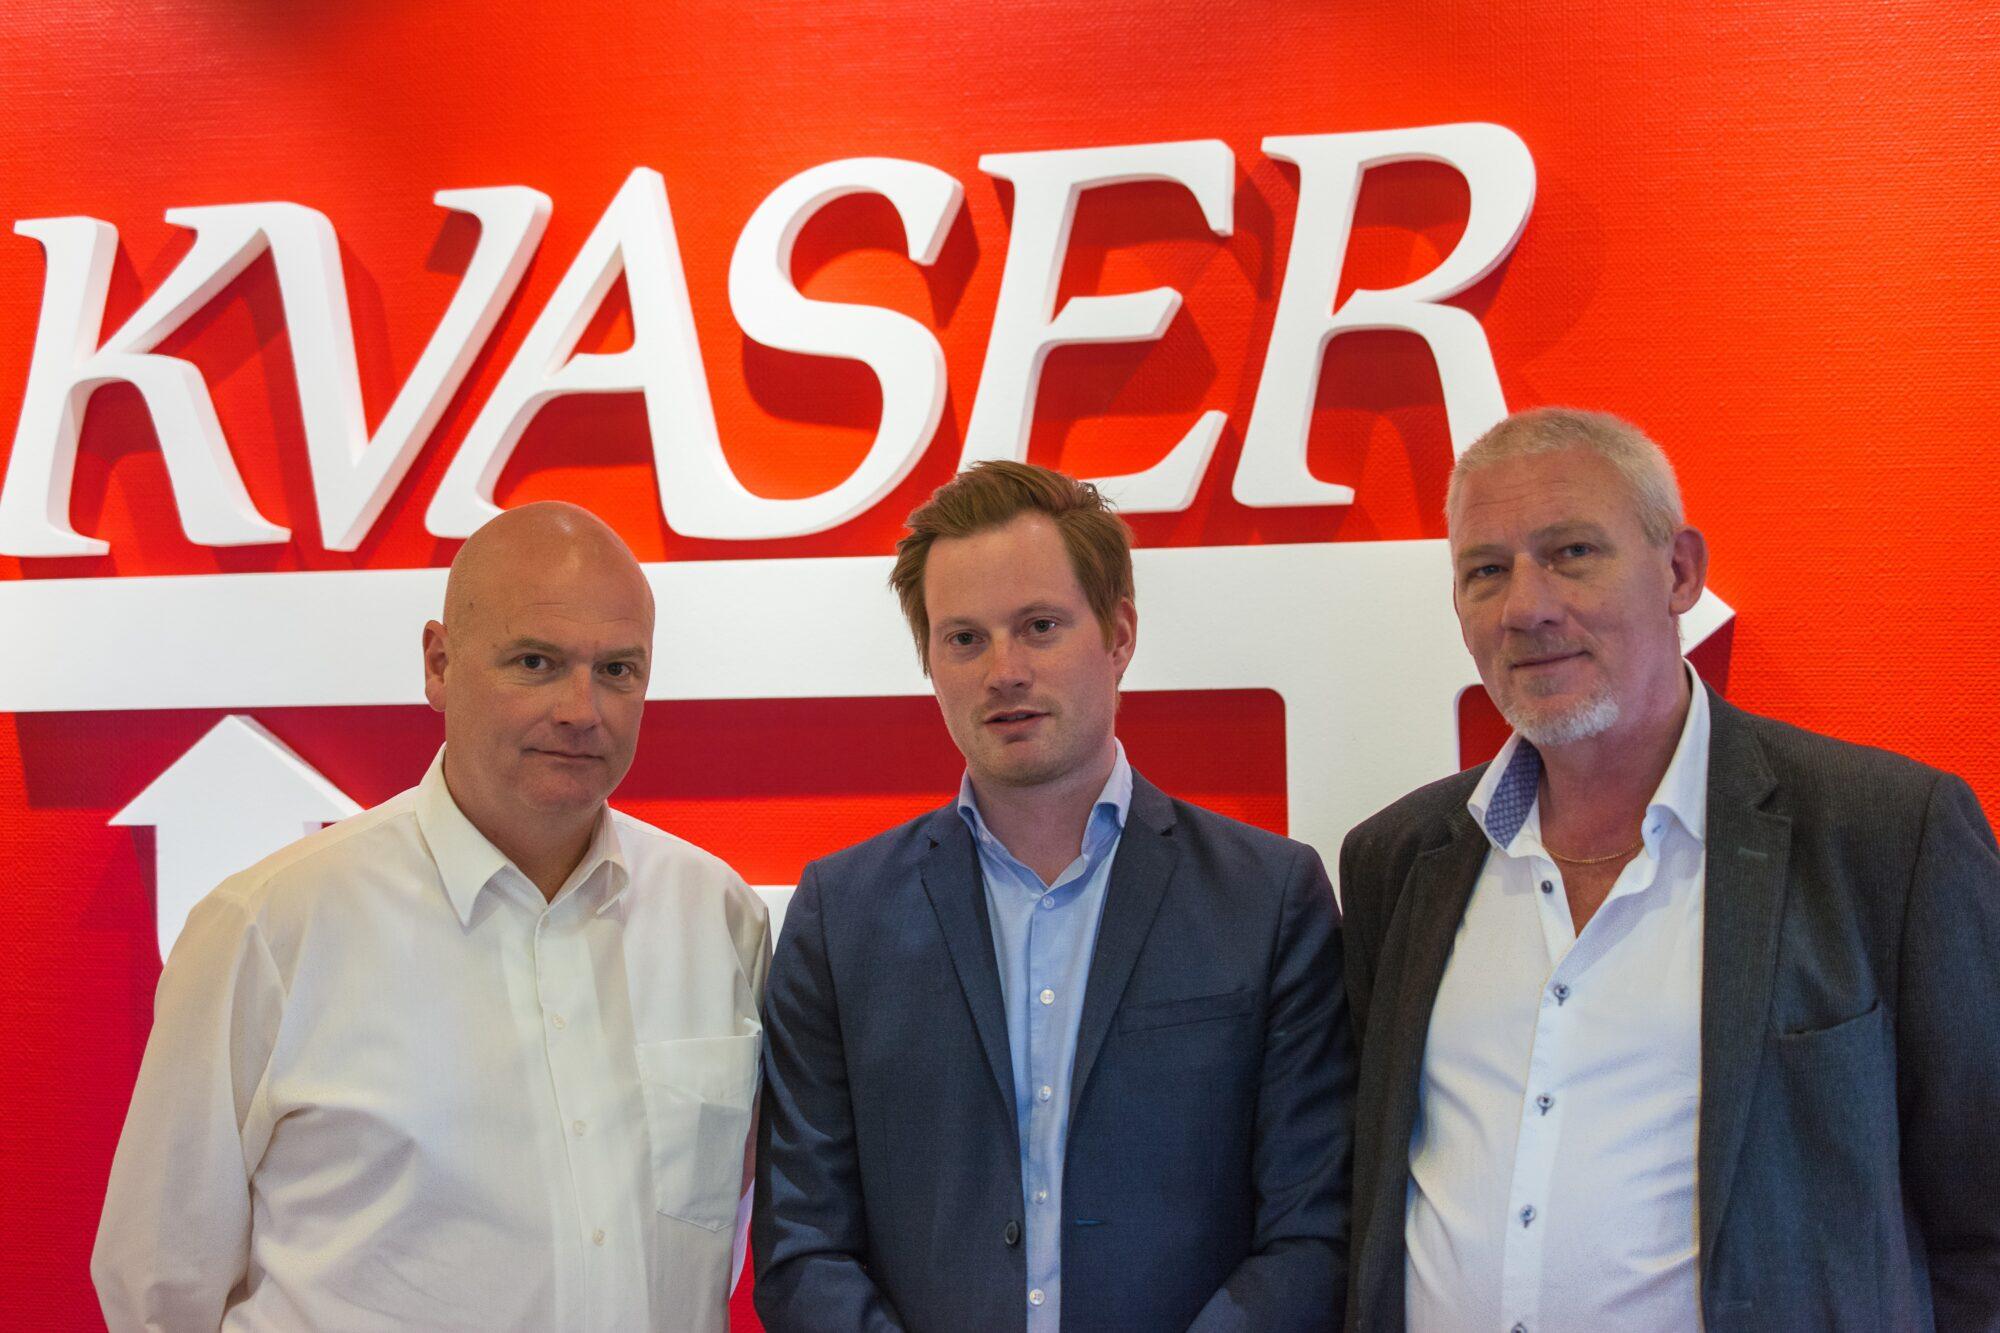 Teknikkonsulten Triacon har utvecklat ECAD-integration till ENOVIA-lösningen från Dassault Systèmes